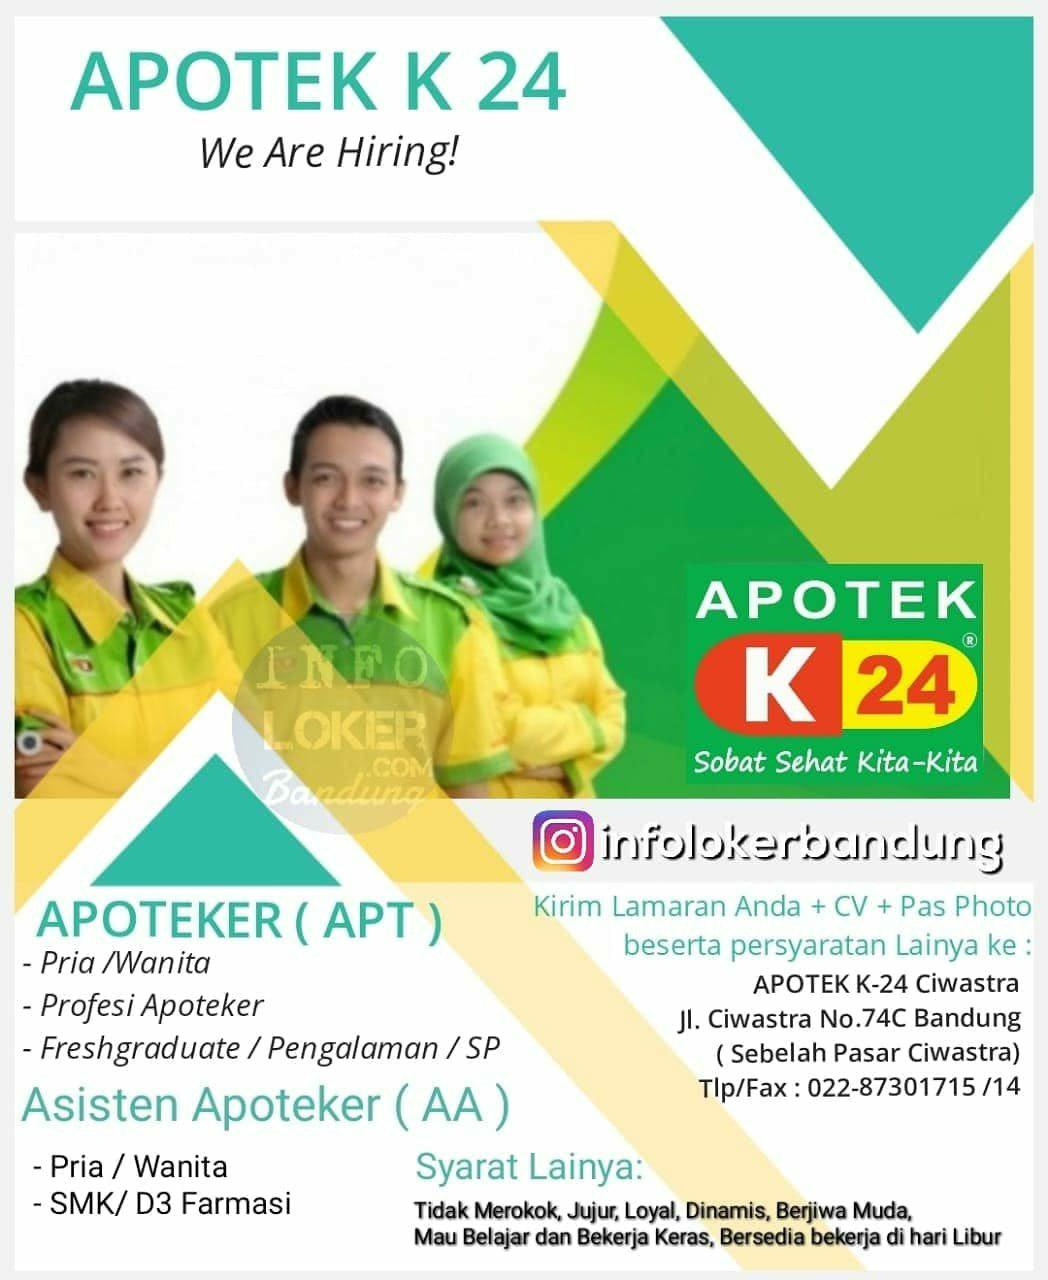 Lowongan Kerja Apotek K24 Ciwastra Bandung Mei 2019